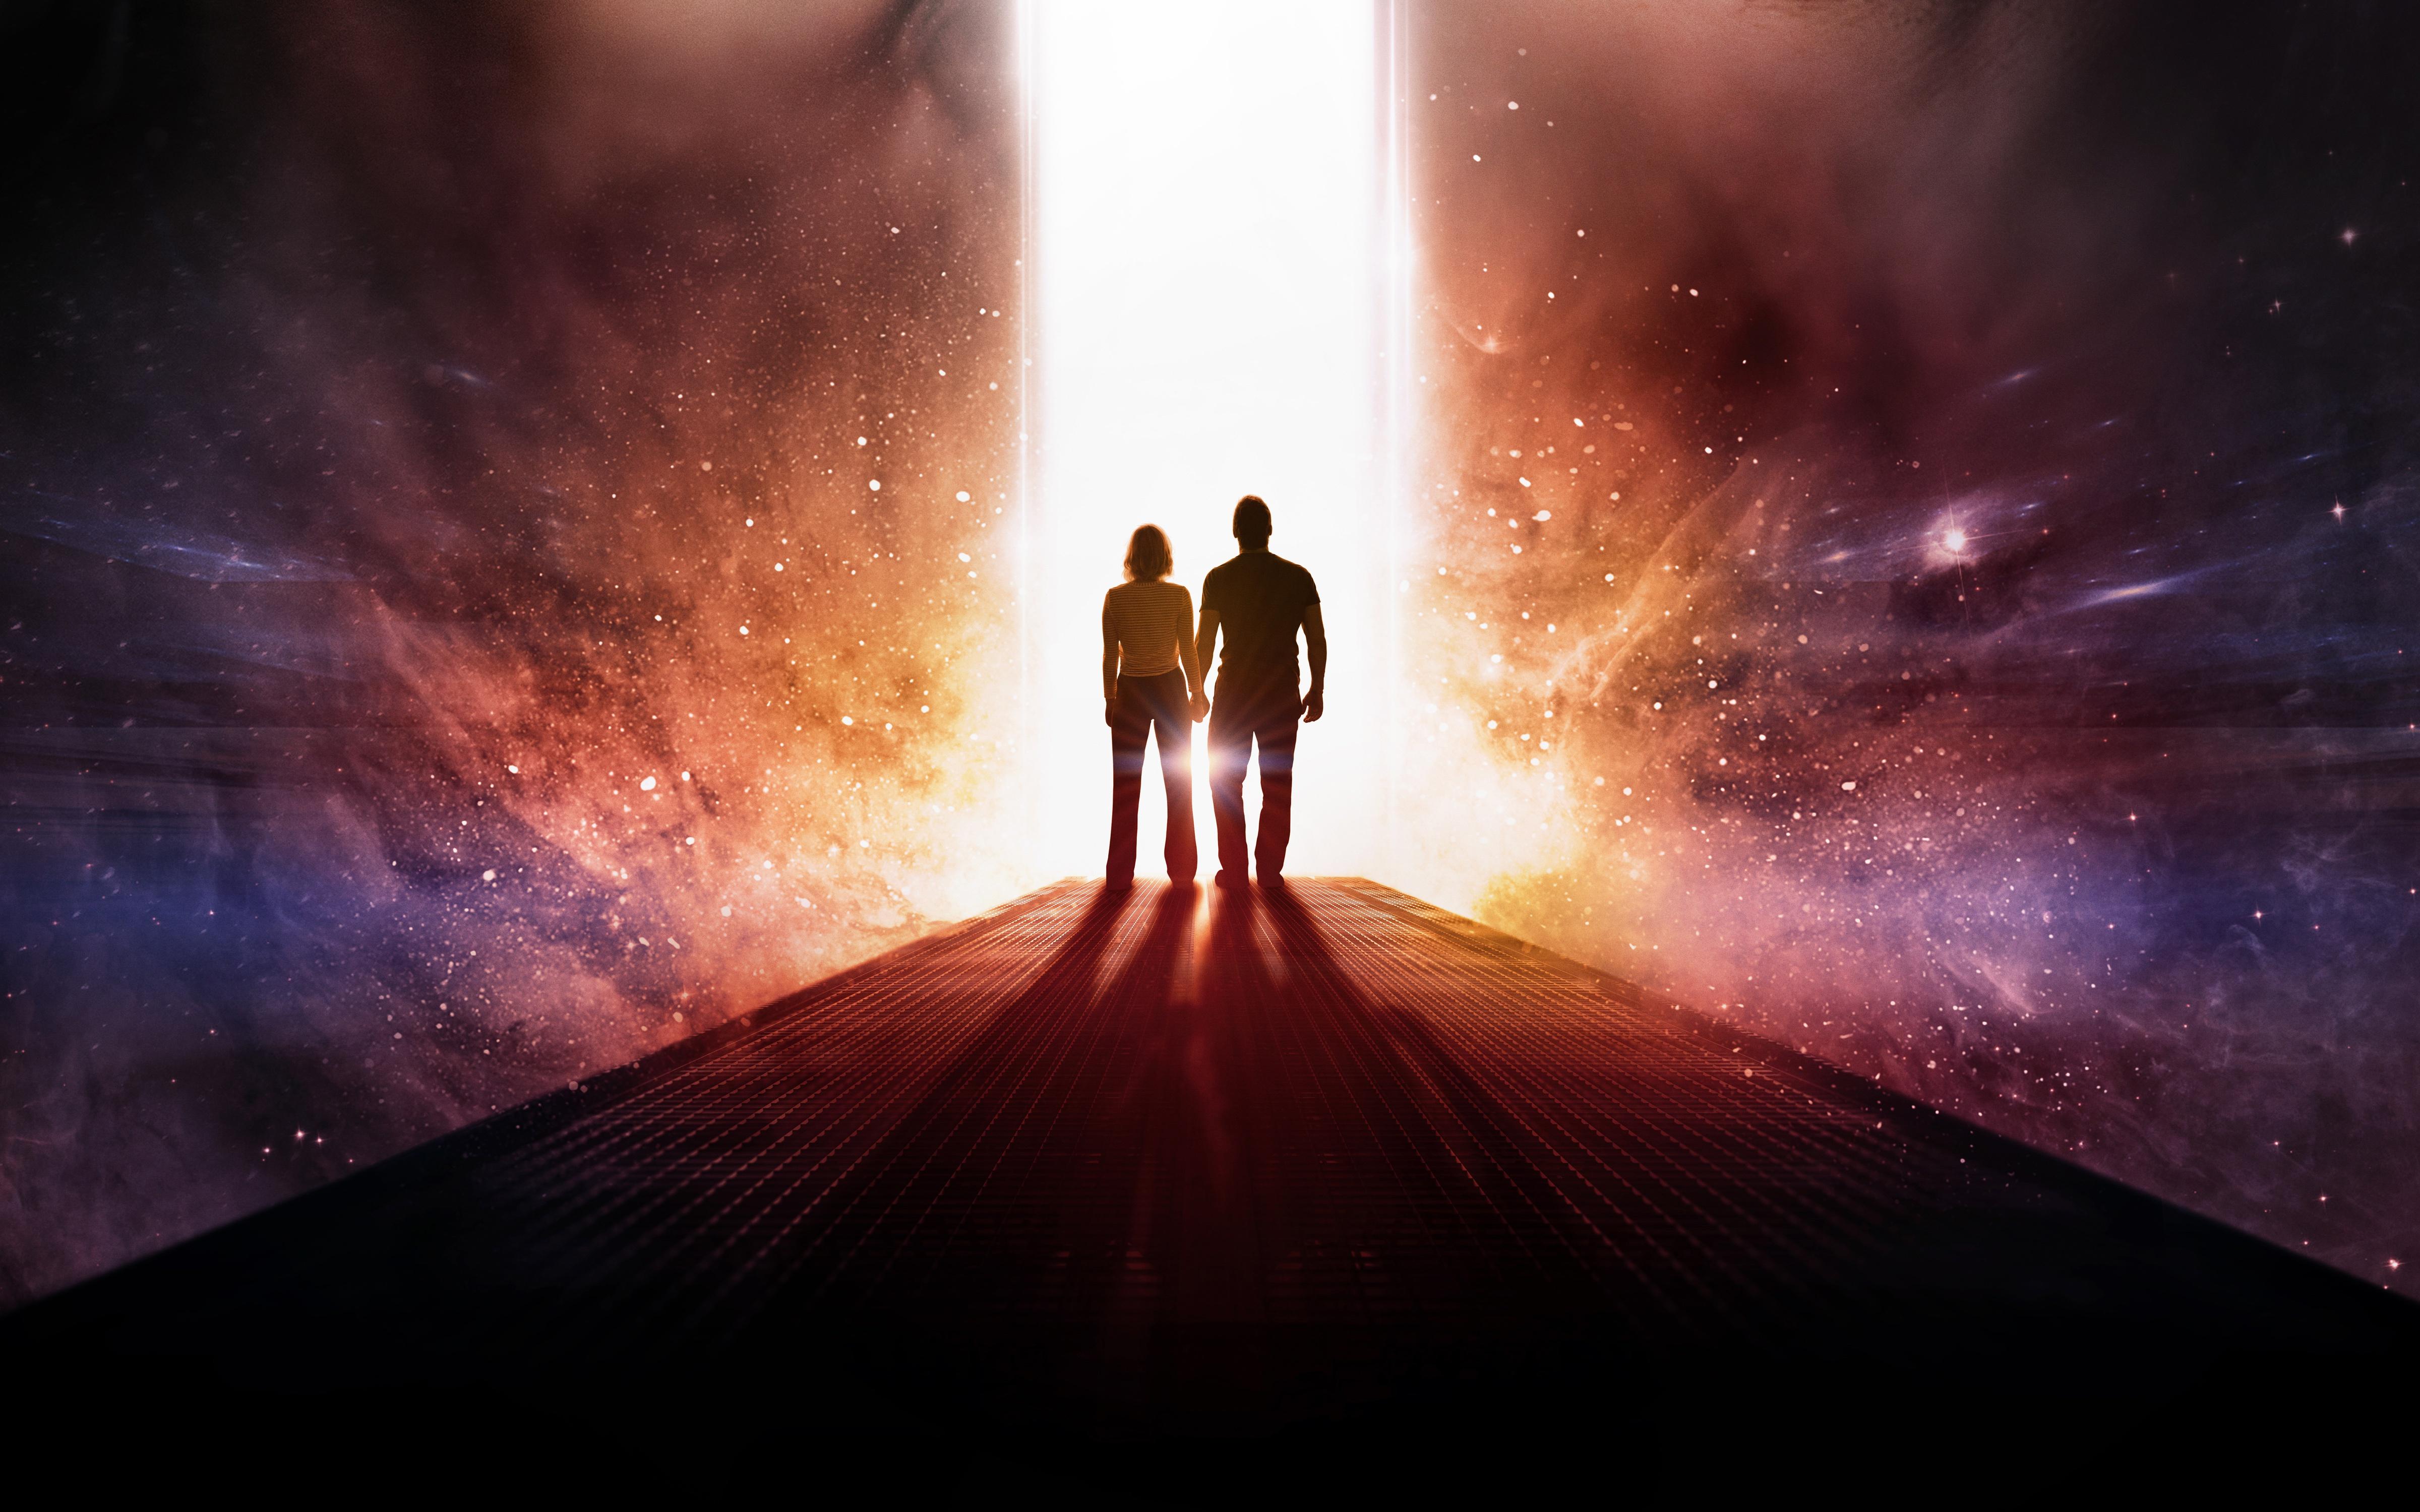 втором космос для двоих картинки закатном свете олимпийский